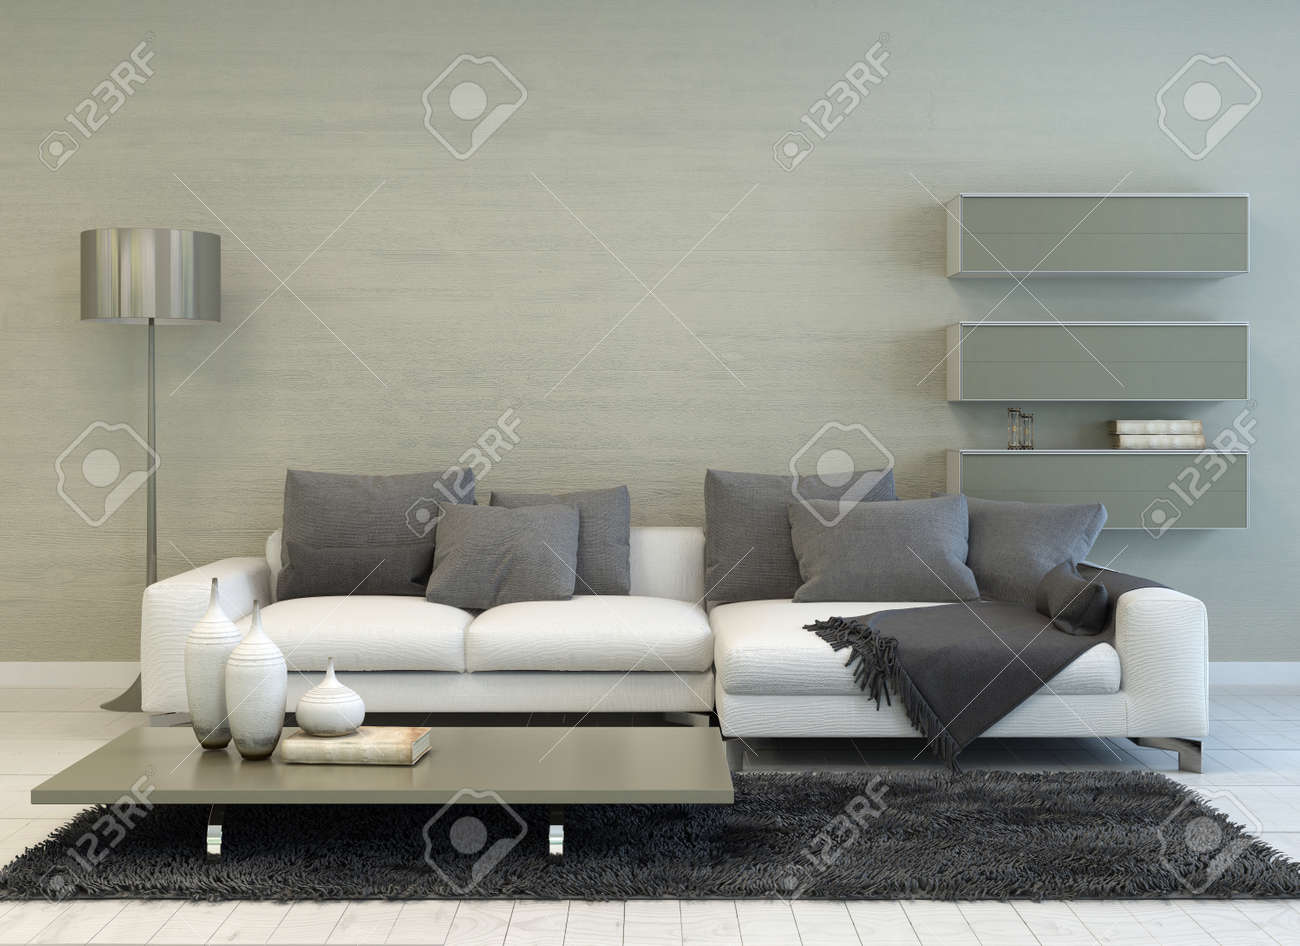 Bilder Wohnzimmer Grau ~ Moderne graue und weiße wohnzimmer mit stehlampe sofa couchtisch